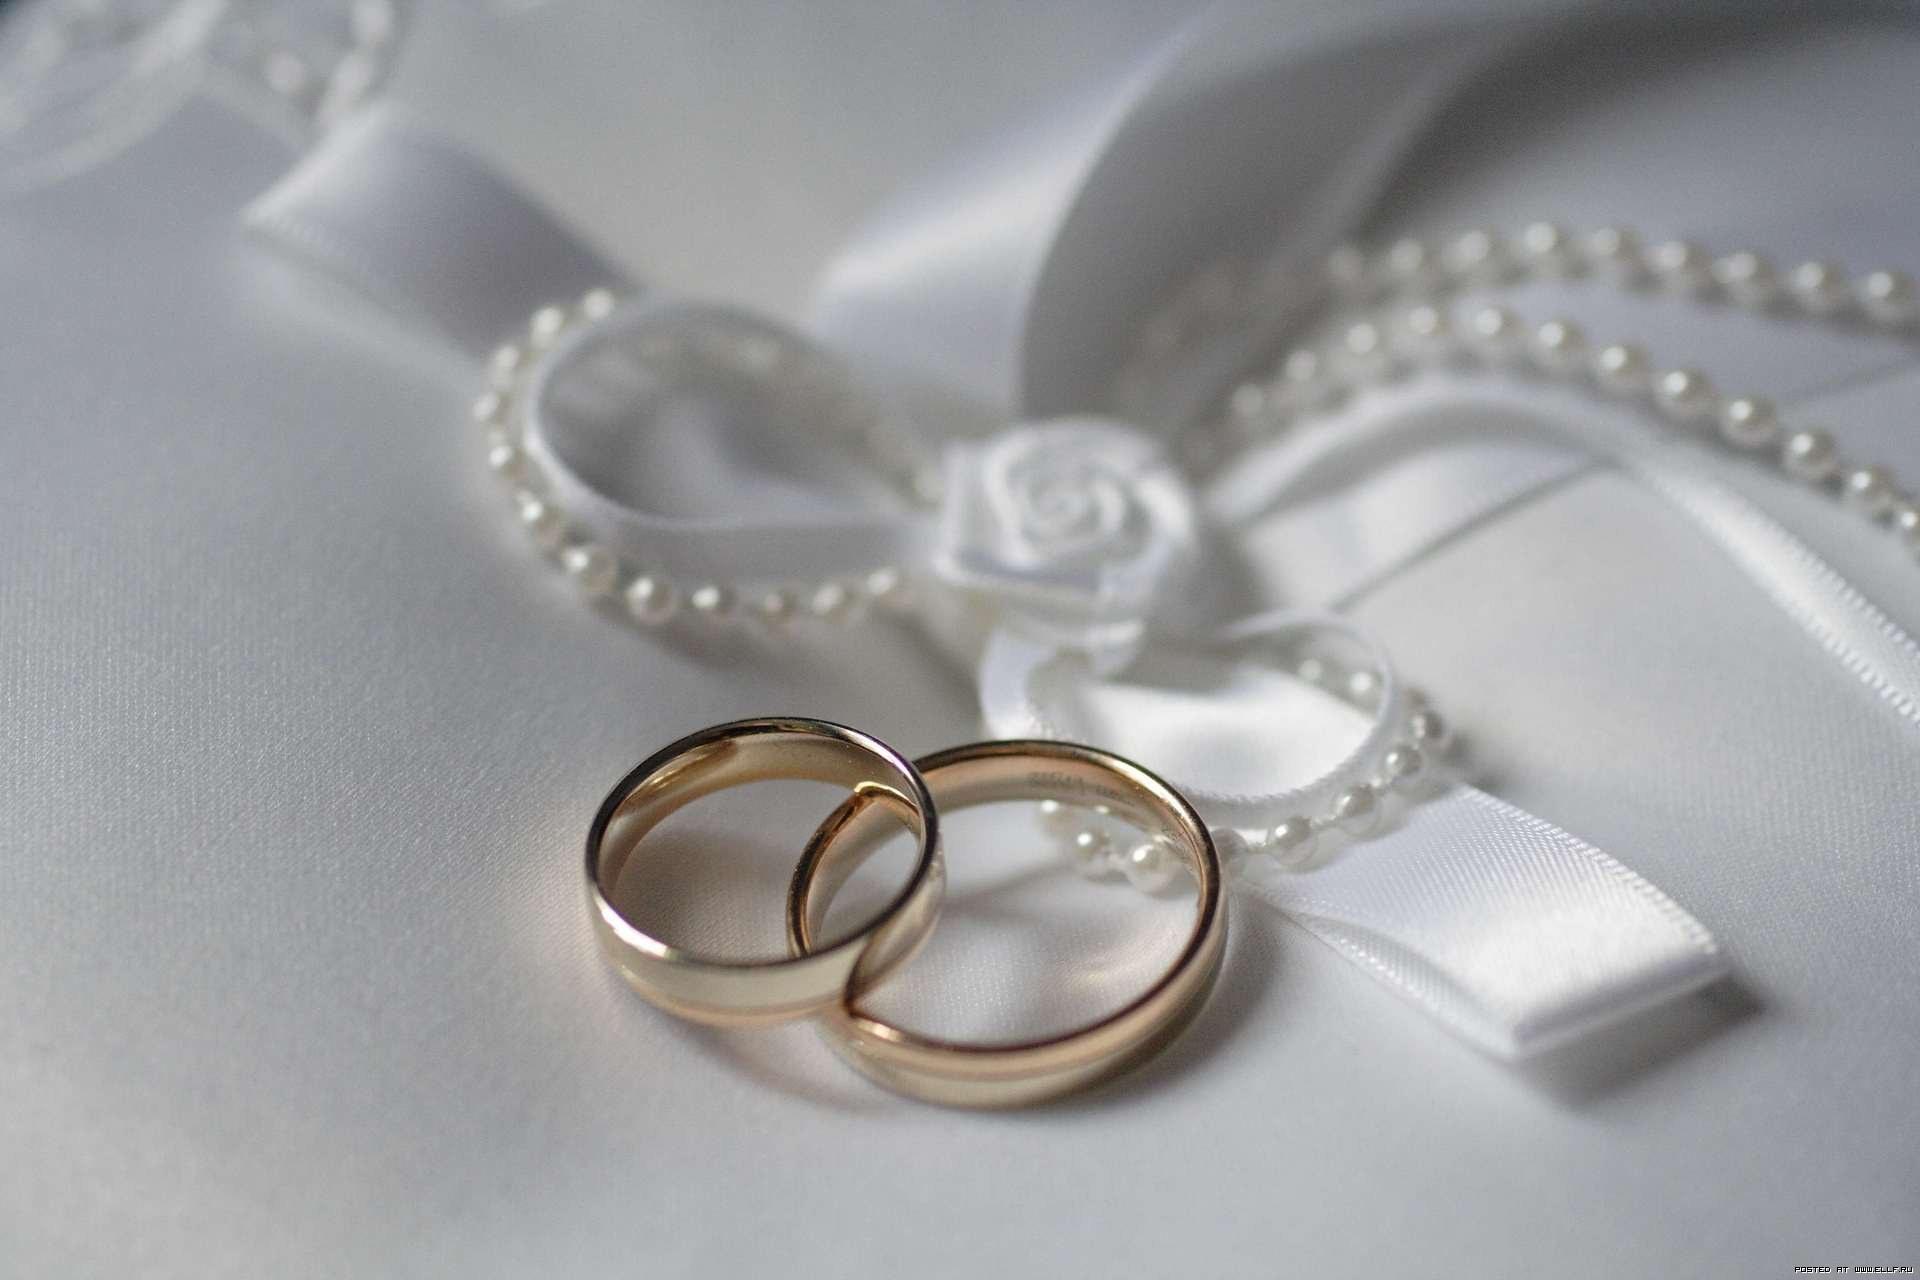 Женщины выходят замуж все реже